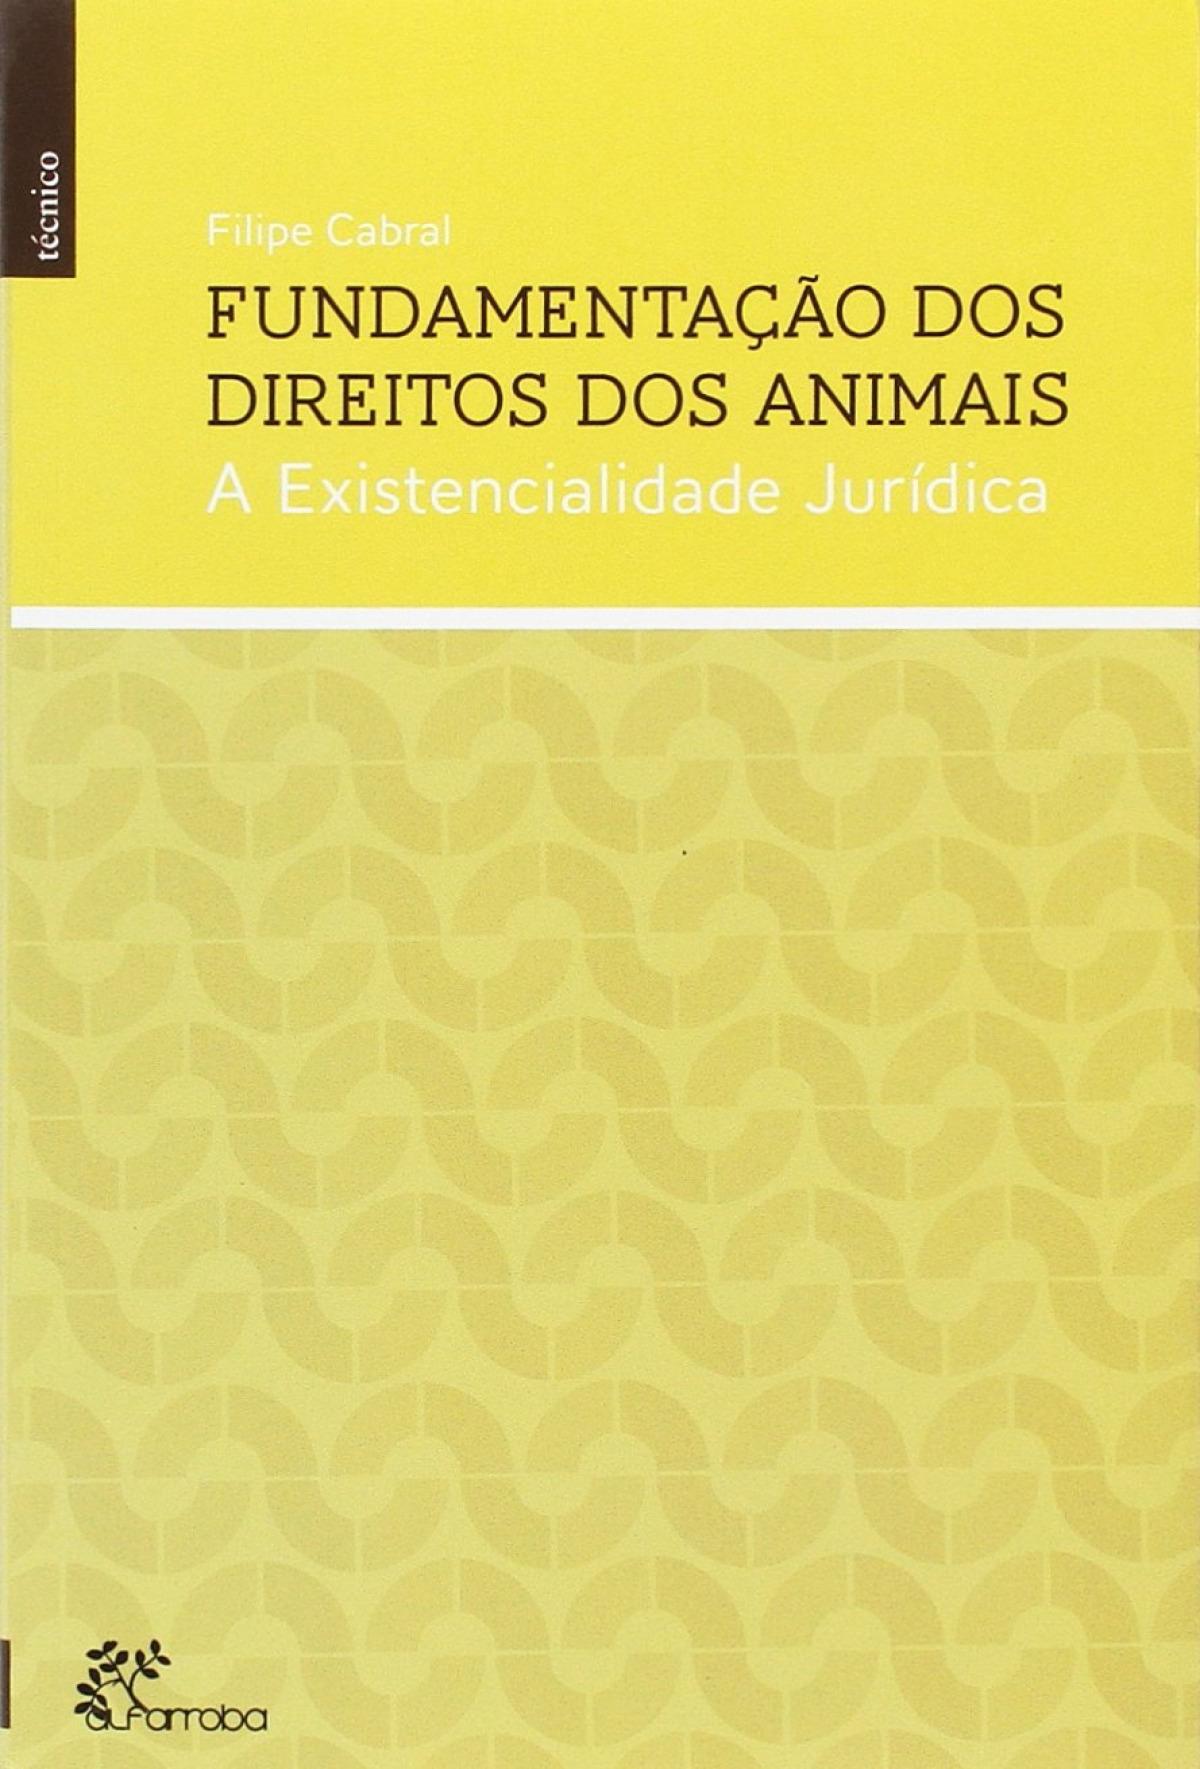 Fundamentação dos Direitos dos Animais 9789898745545